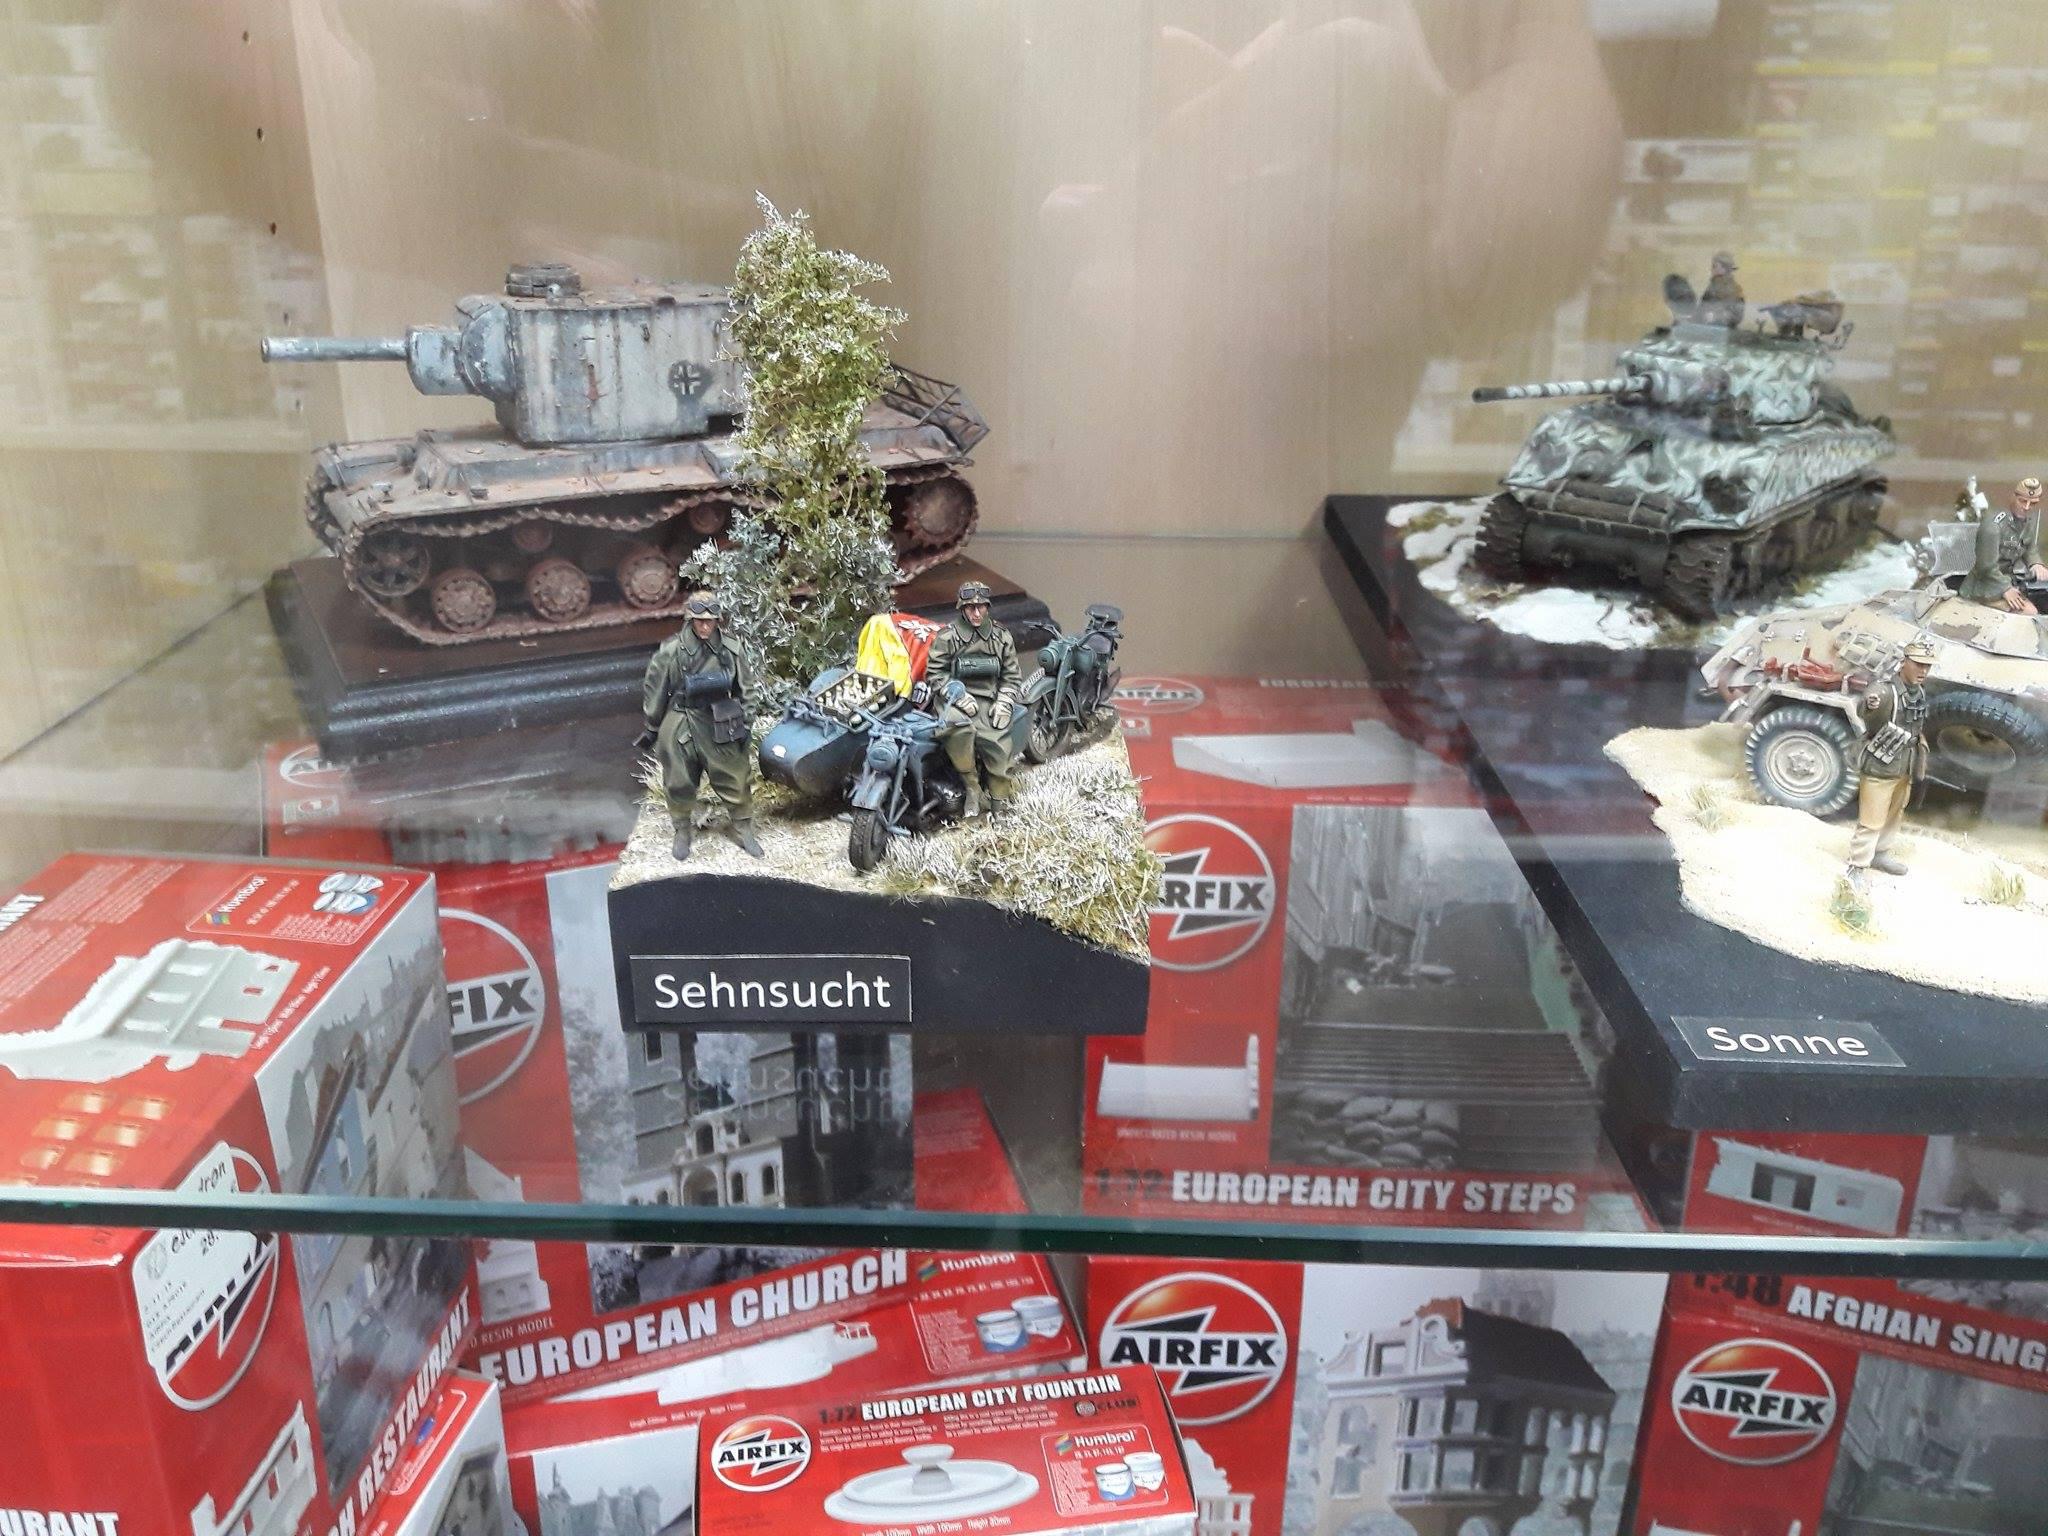 Zündapp KS750 - Sidecar - Great Wall Hobby + figurines Alpine - 1/35 - Page 5 8210092013820910211814942543543569243999o